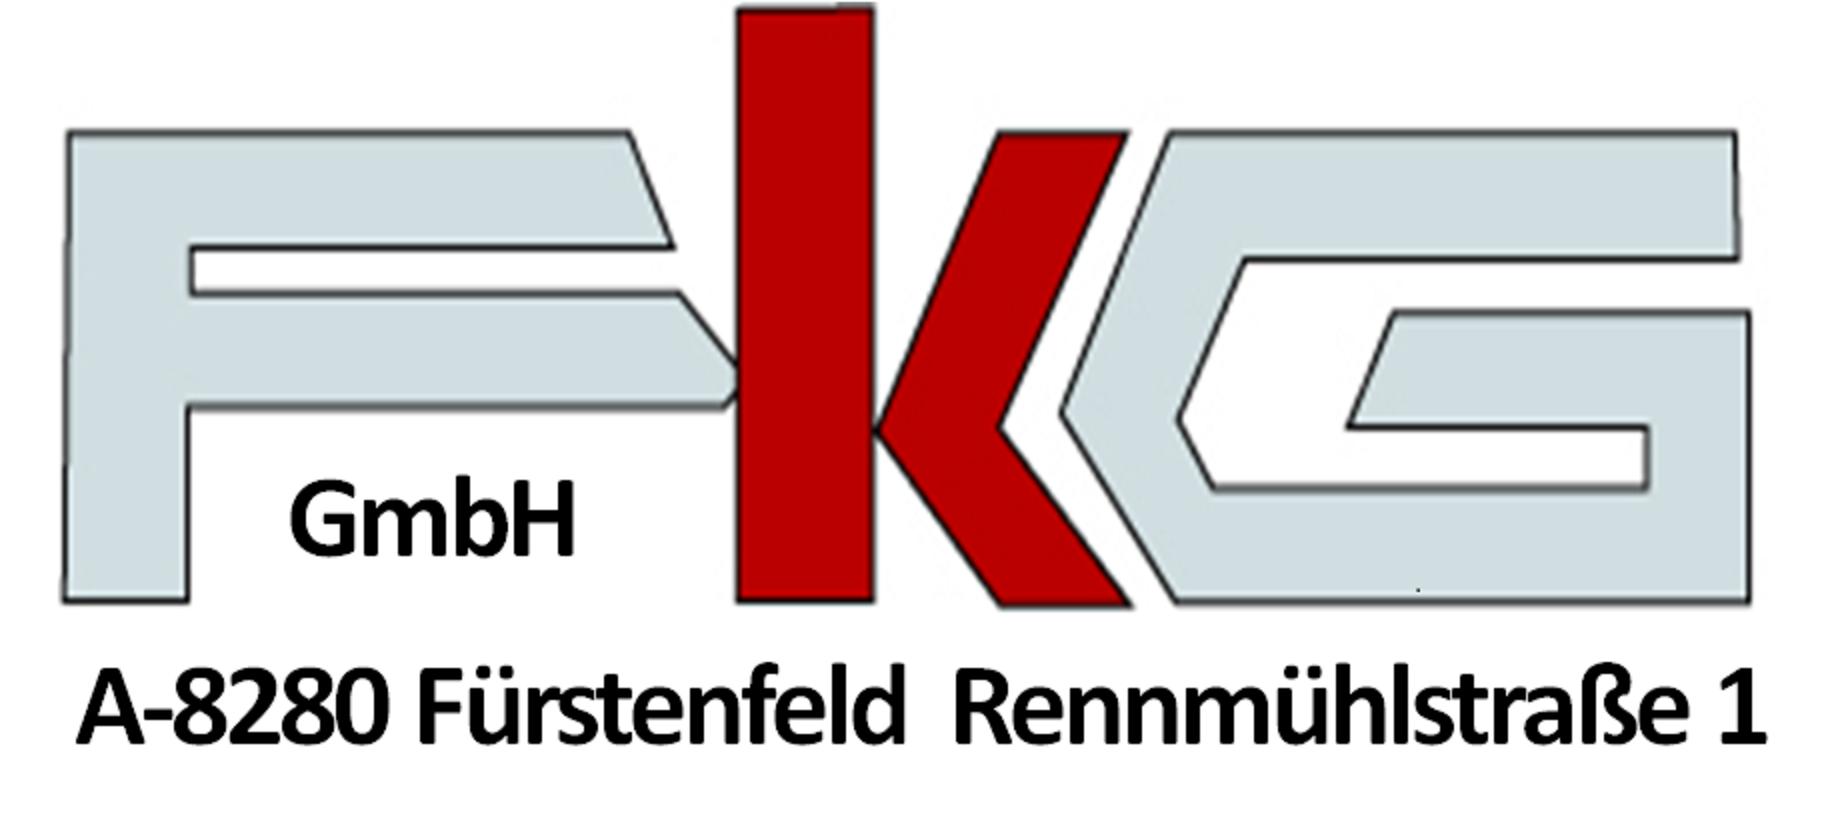 FKG Vertriebs- und VerwaltgungsgmbH